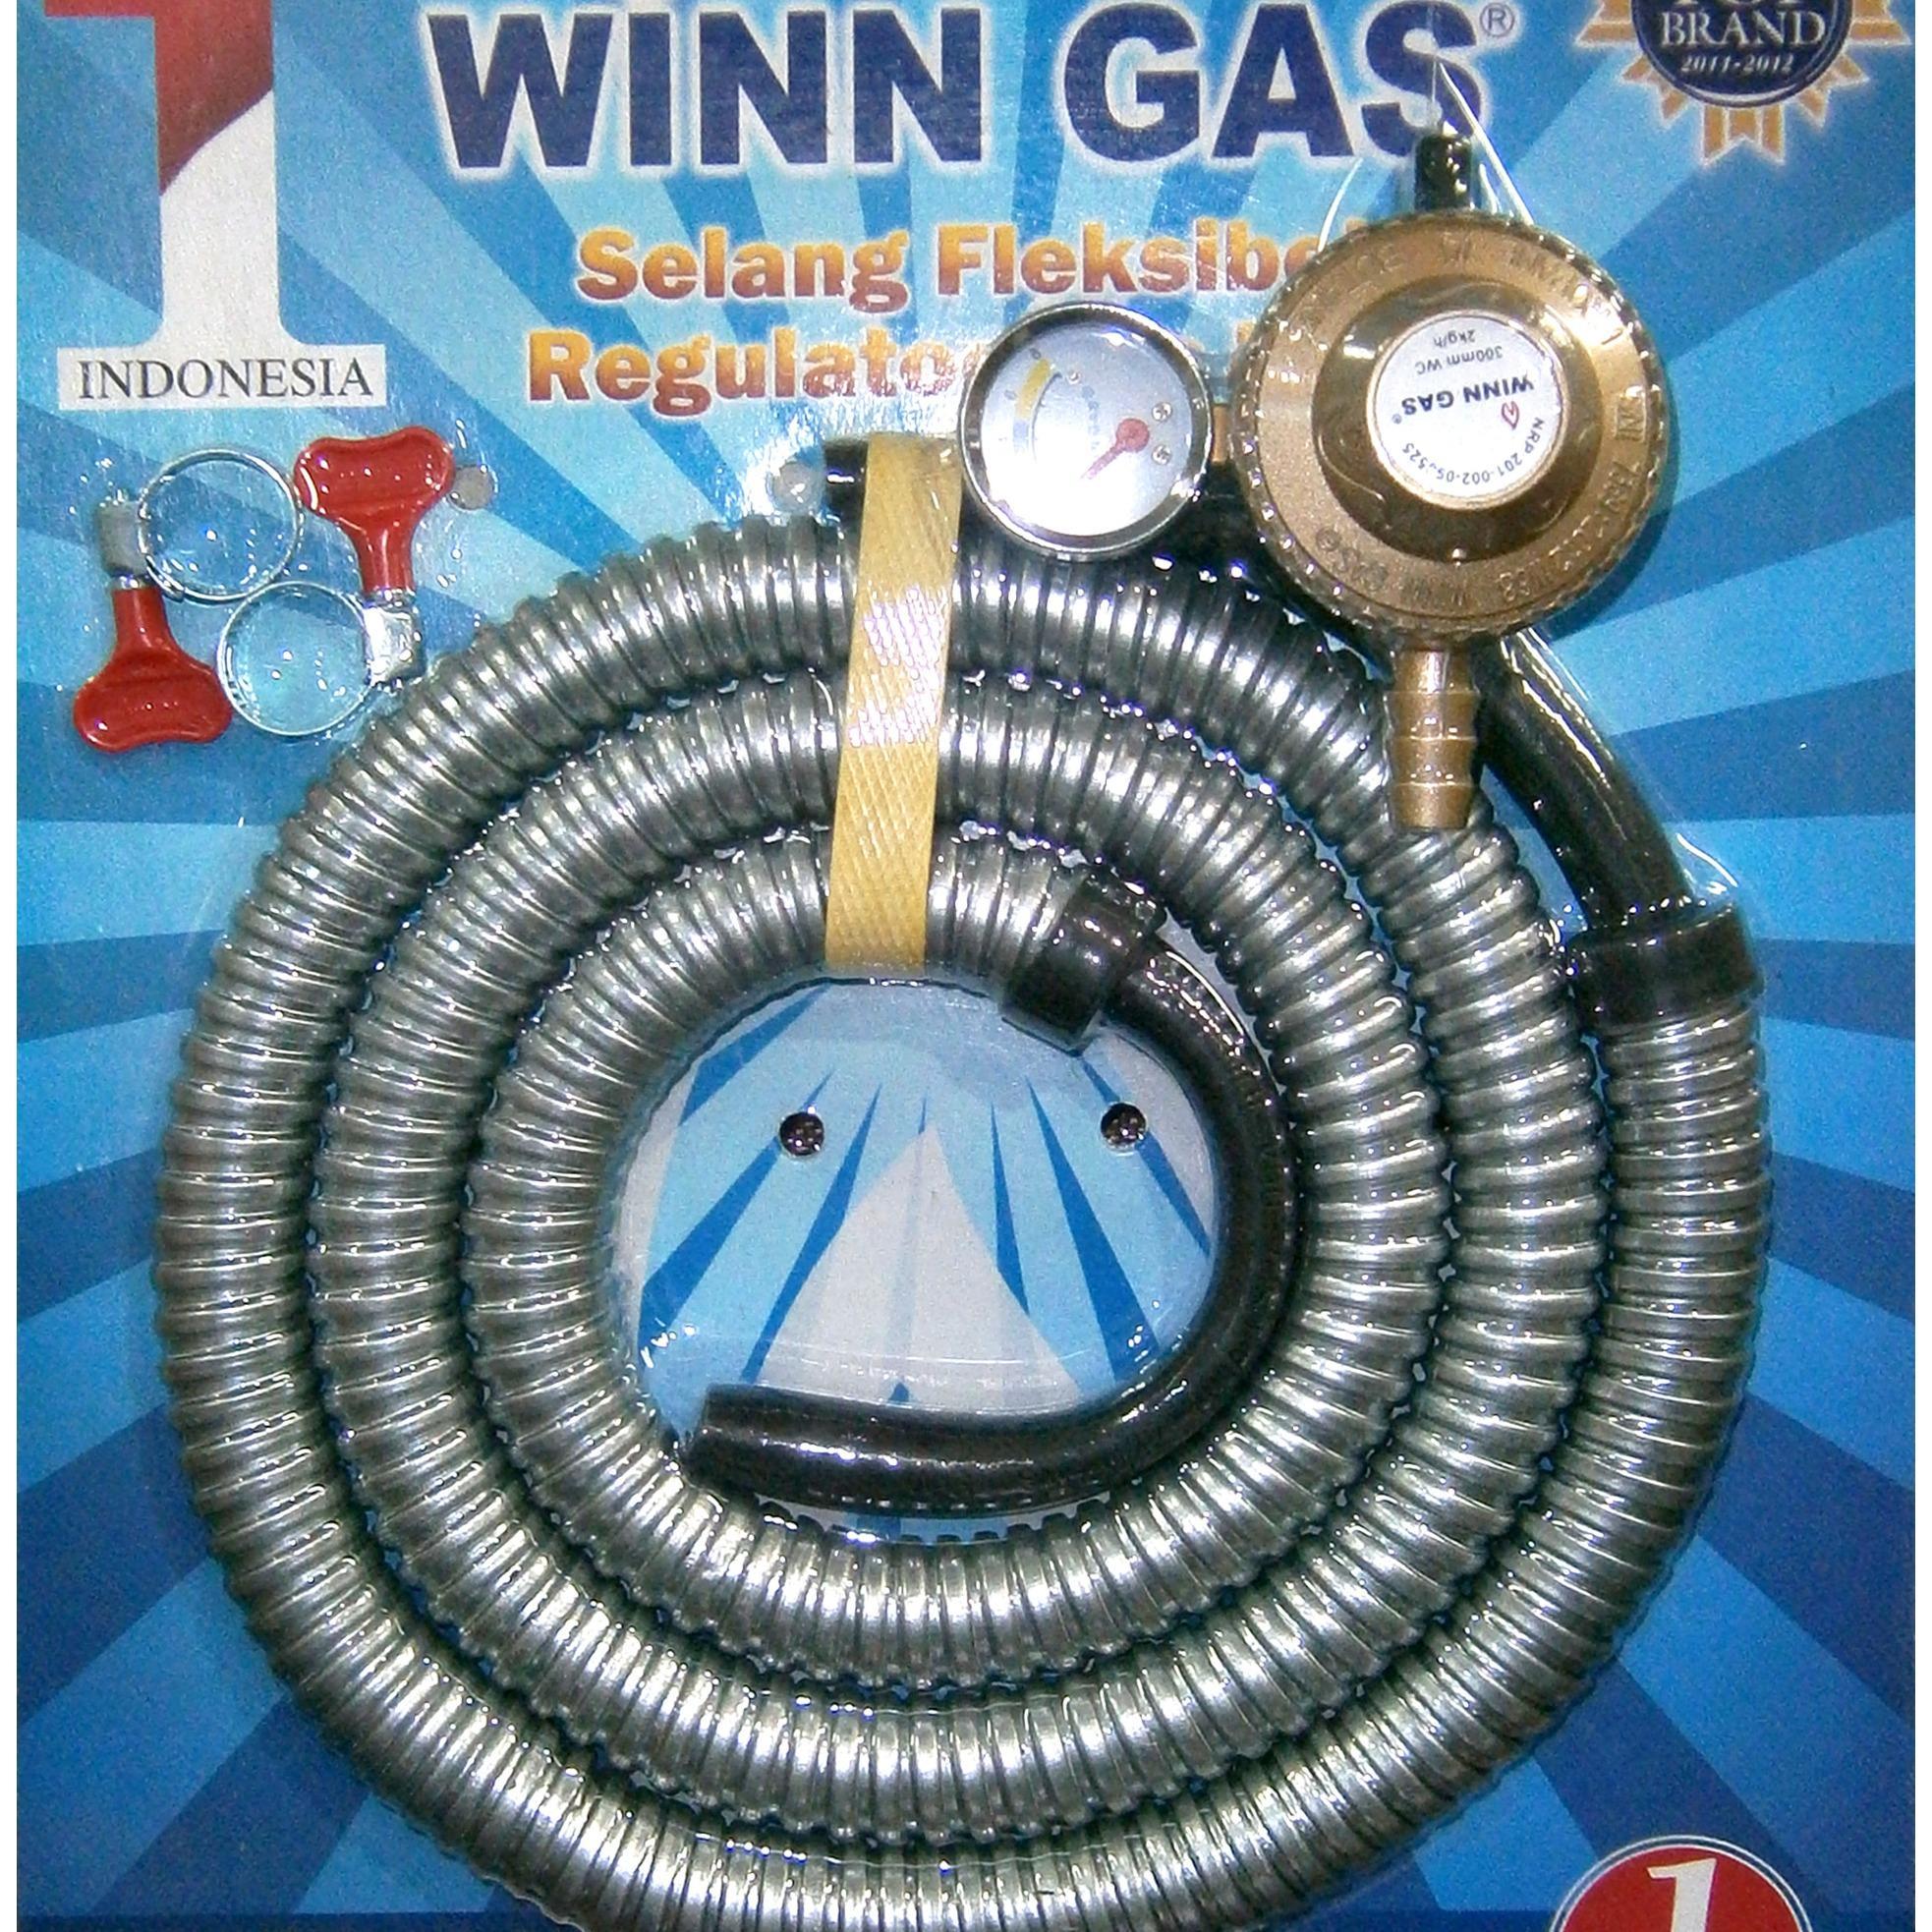 Jual Winn Gas Paket Murah Garansi Dan Berkualitas Id Store Premium Top Brand Selang Selongsong Besi Winngas Sni Resmi Regulator Fleksibel 18 Midr79000 Rp 79000